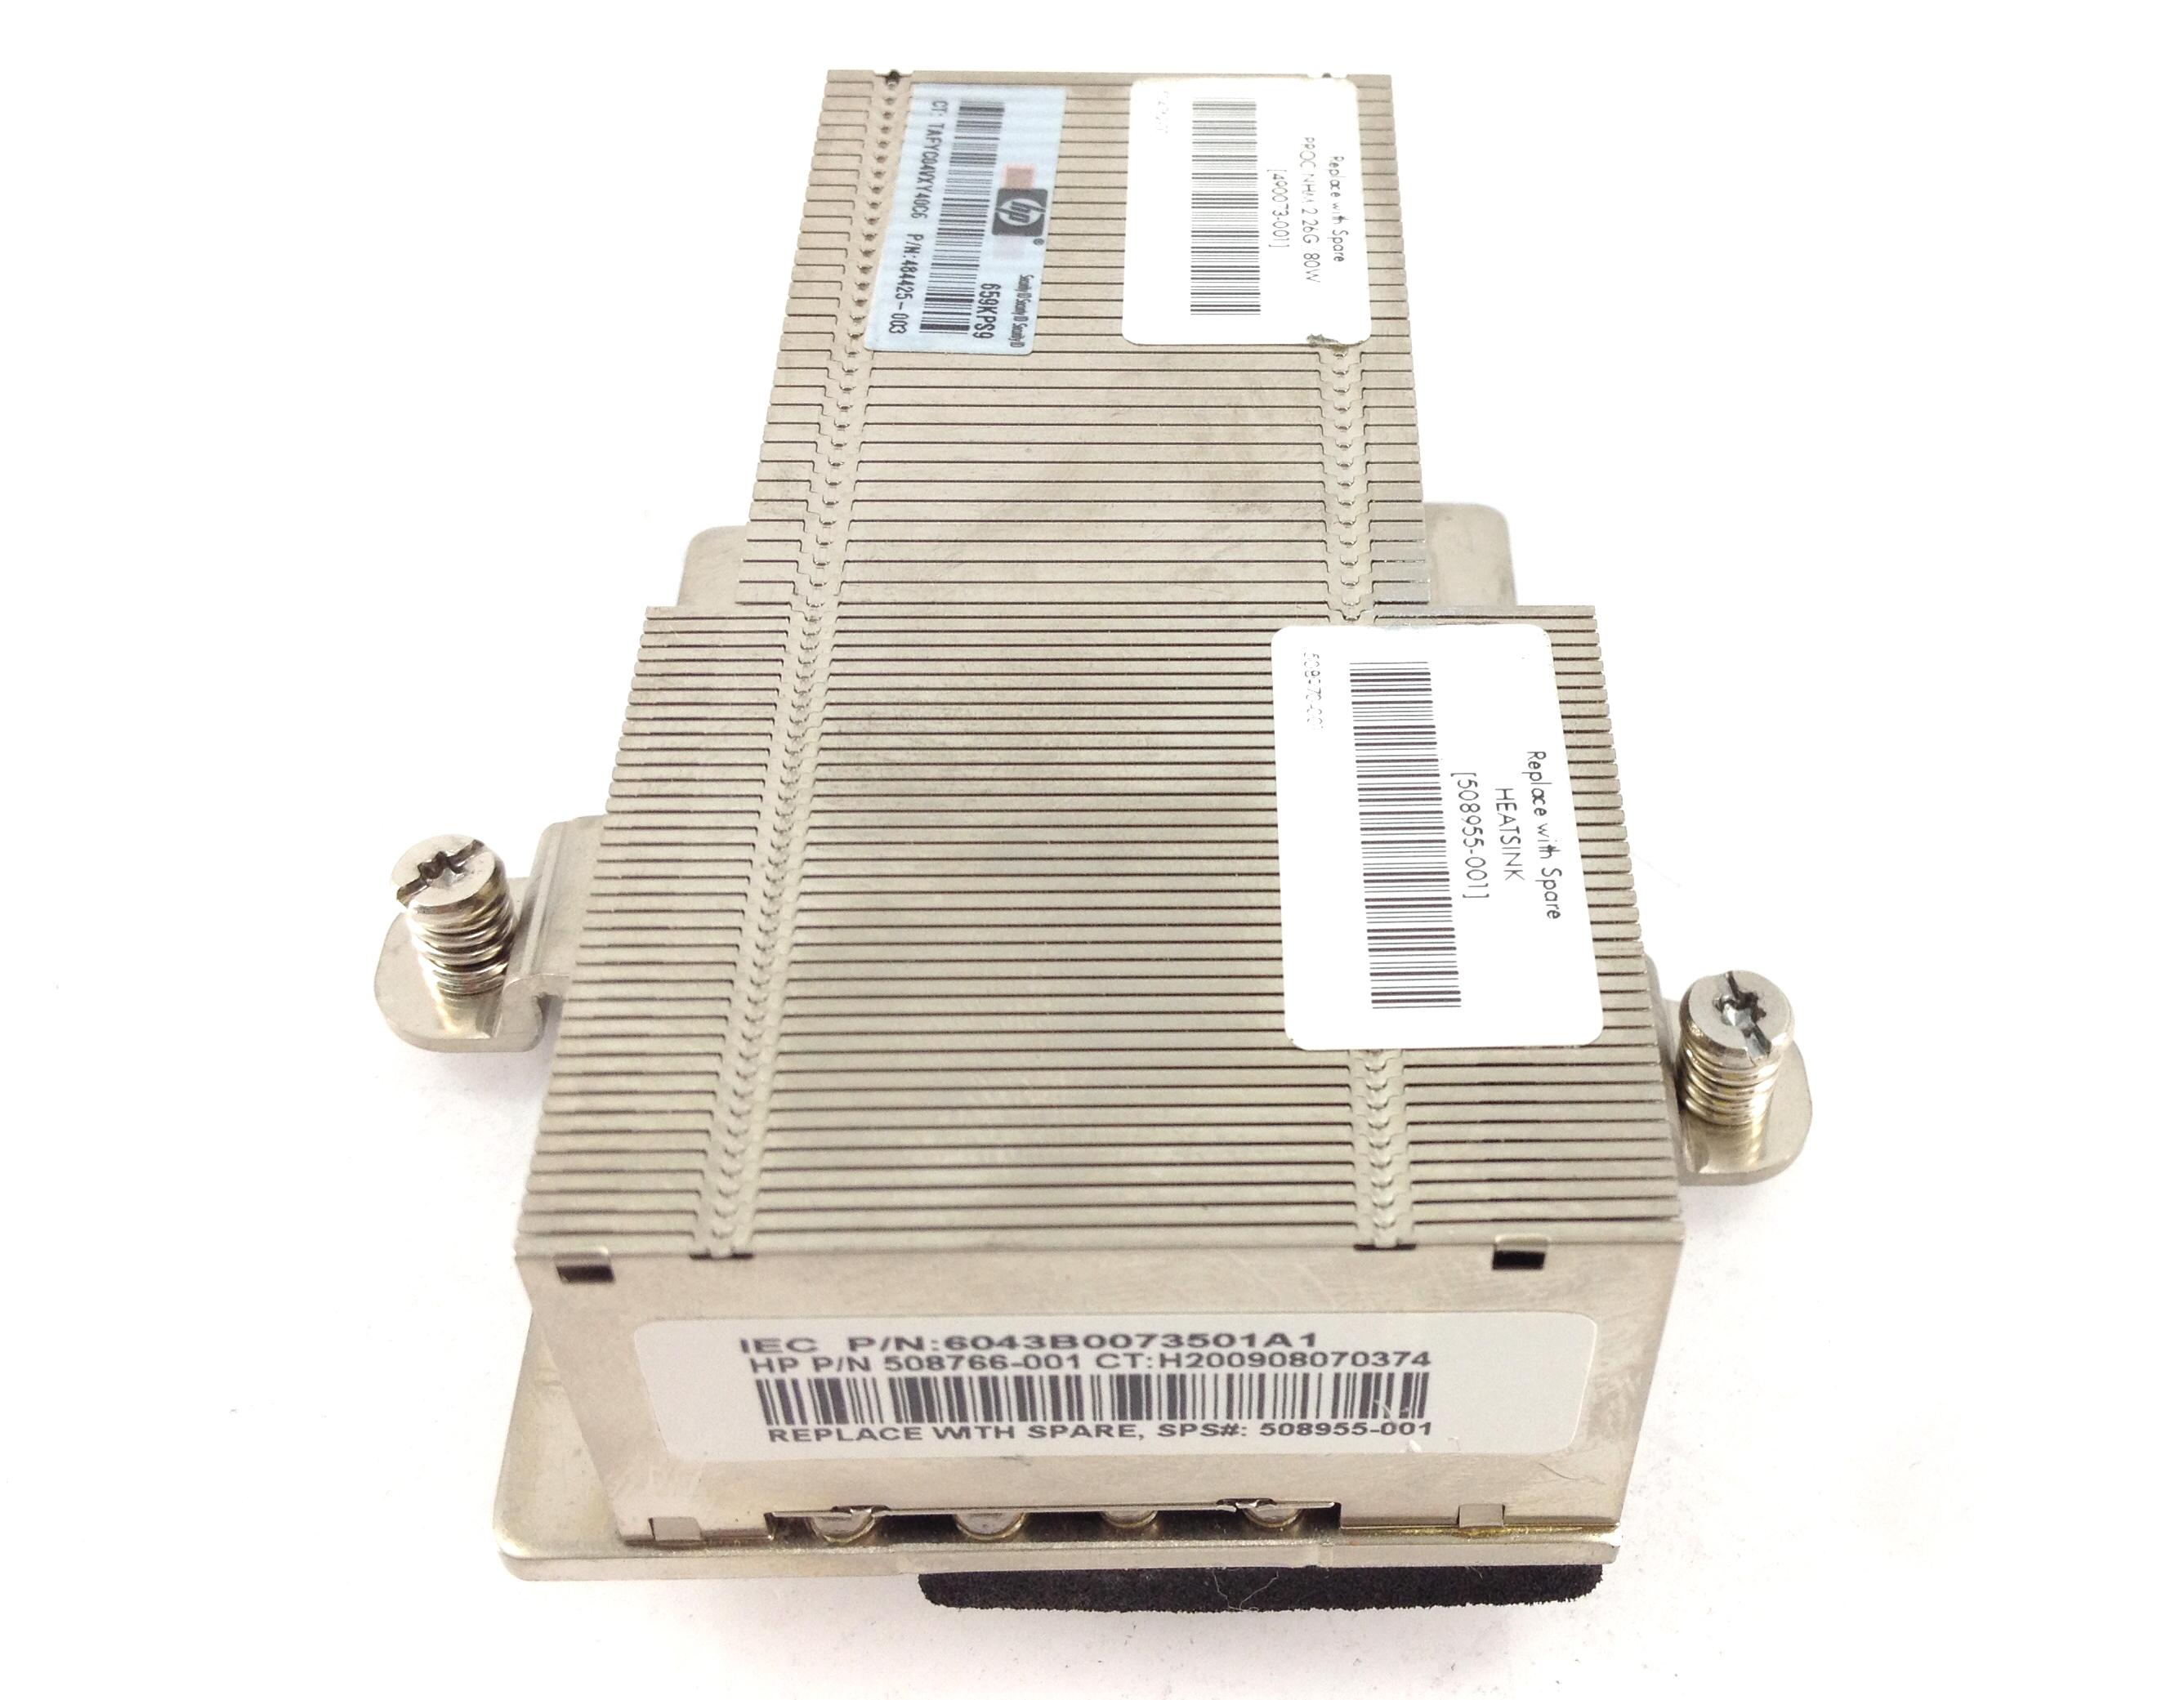 HP Bl460C G6 Heatsink (508955-001)